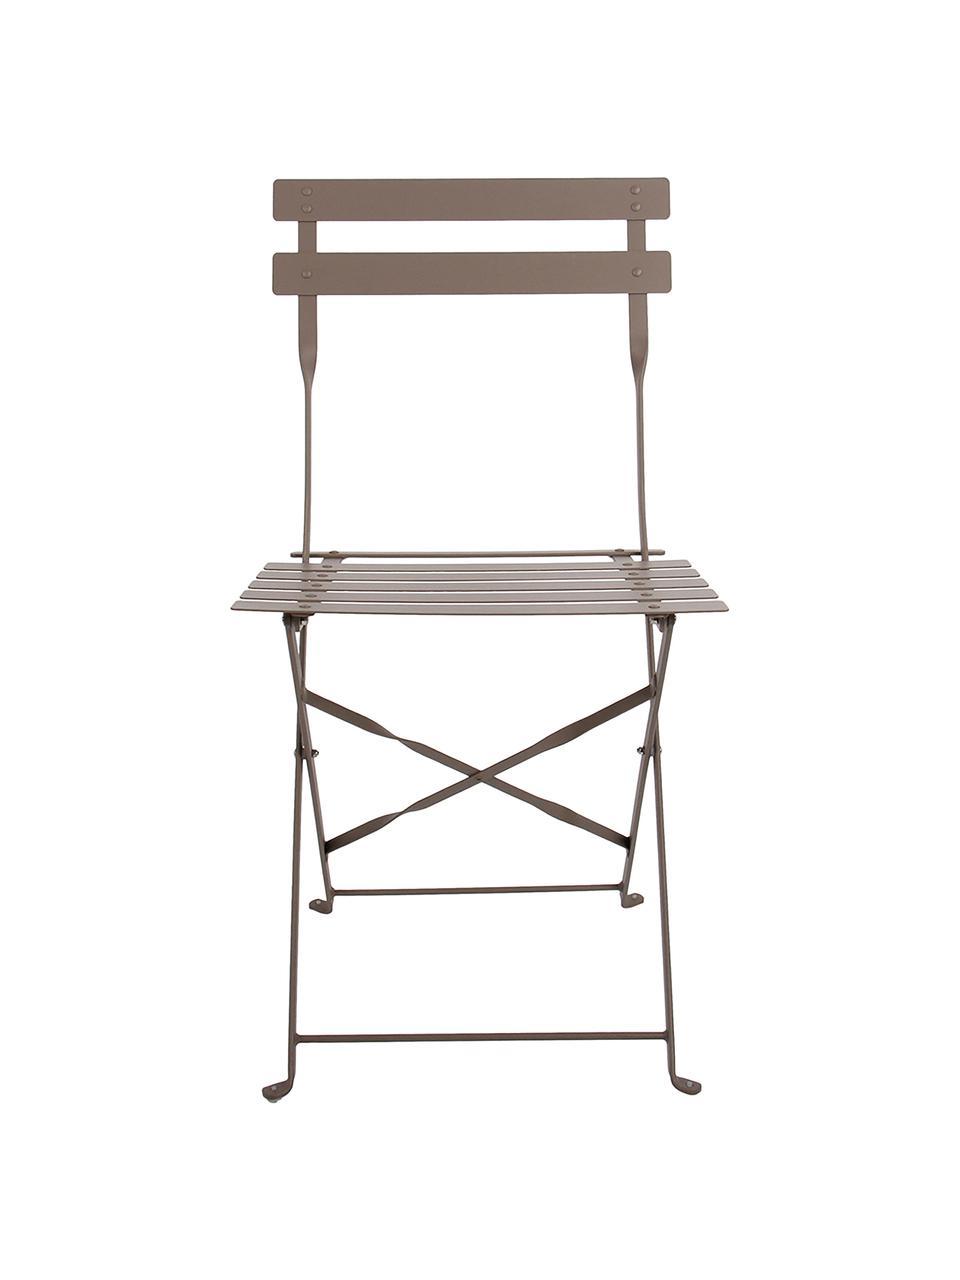 Balkon-Set Chelsea aus Metall, 3-tlg., Metall, pulverbeschichtet, Taupe, Sondergrößen